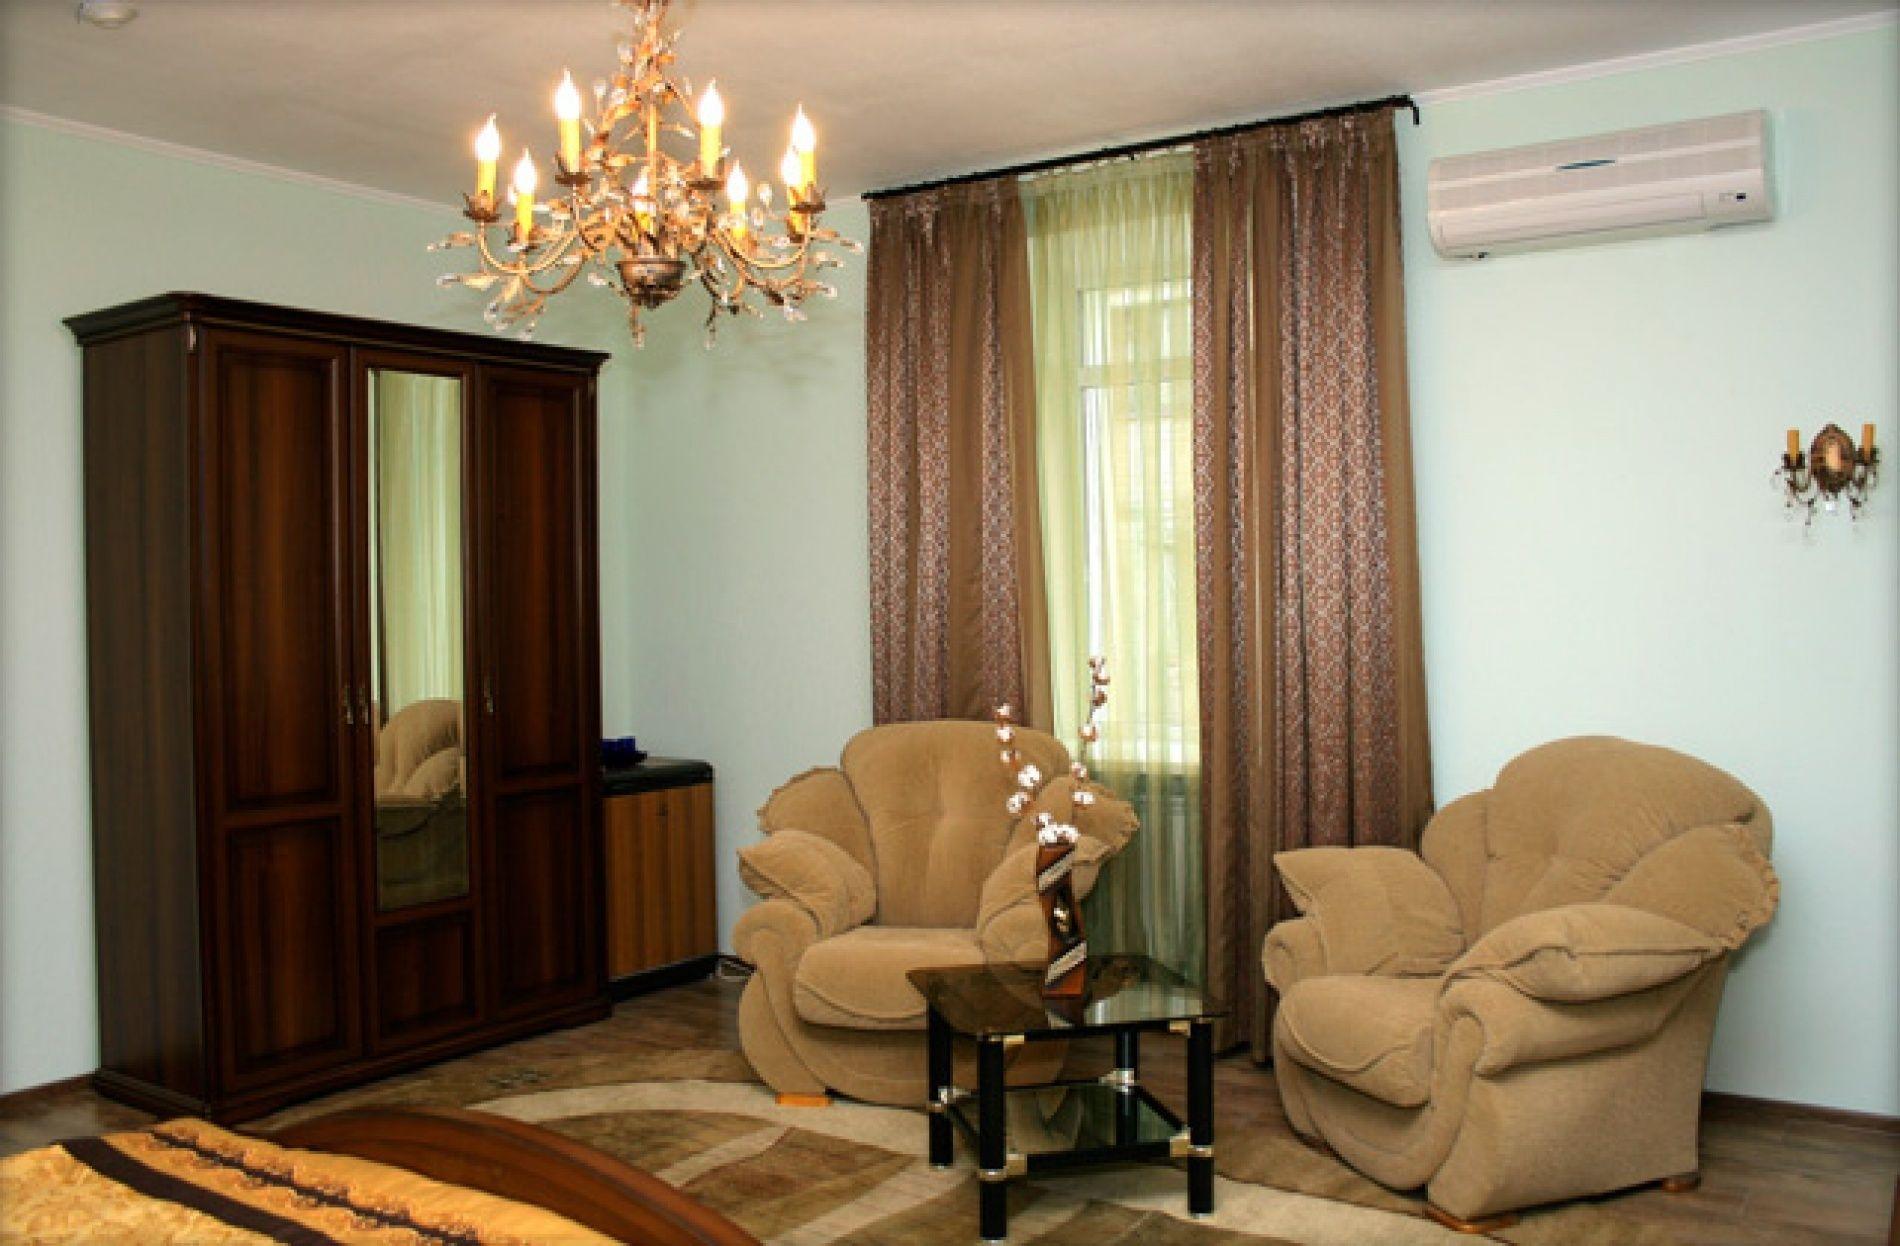 """Гостиница """"Family hotel"""" Курганская область, фото 5"""